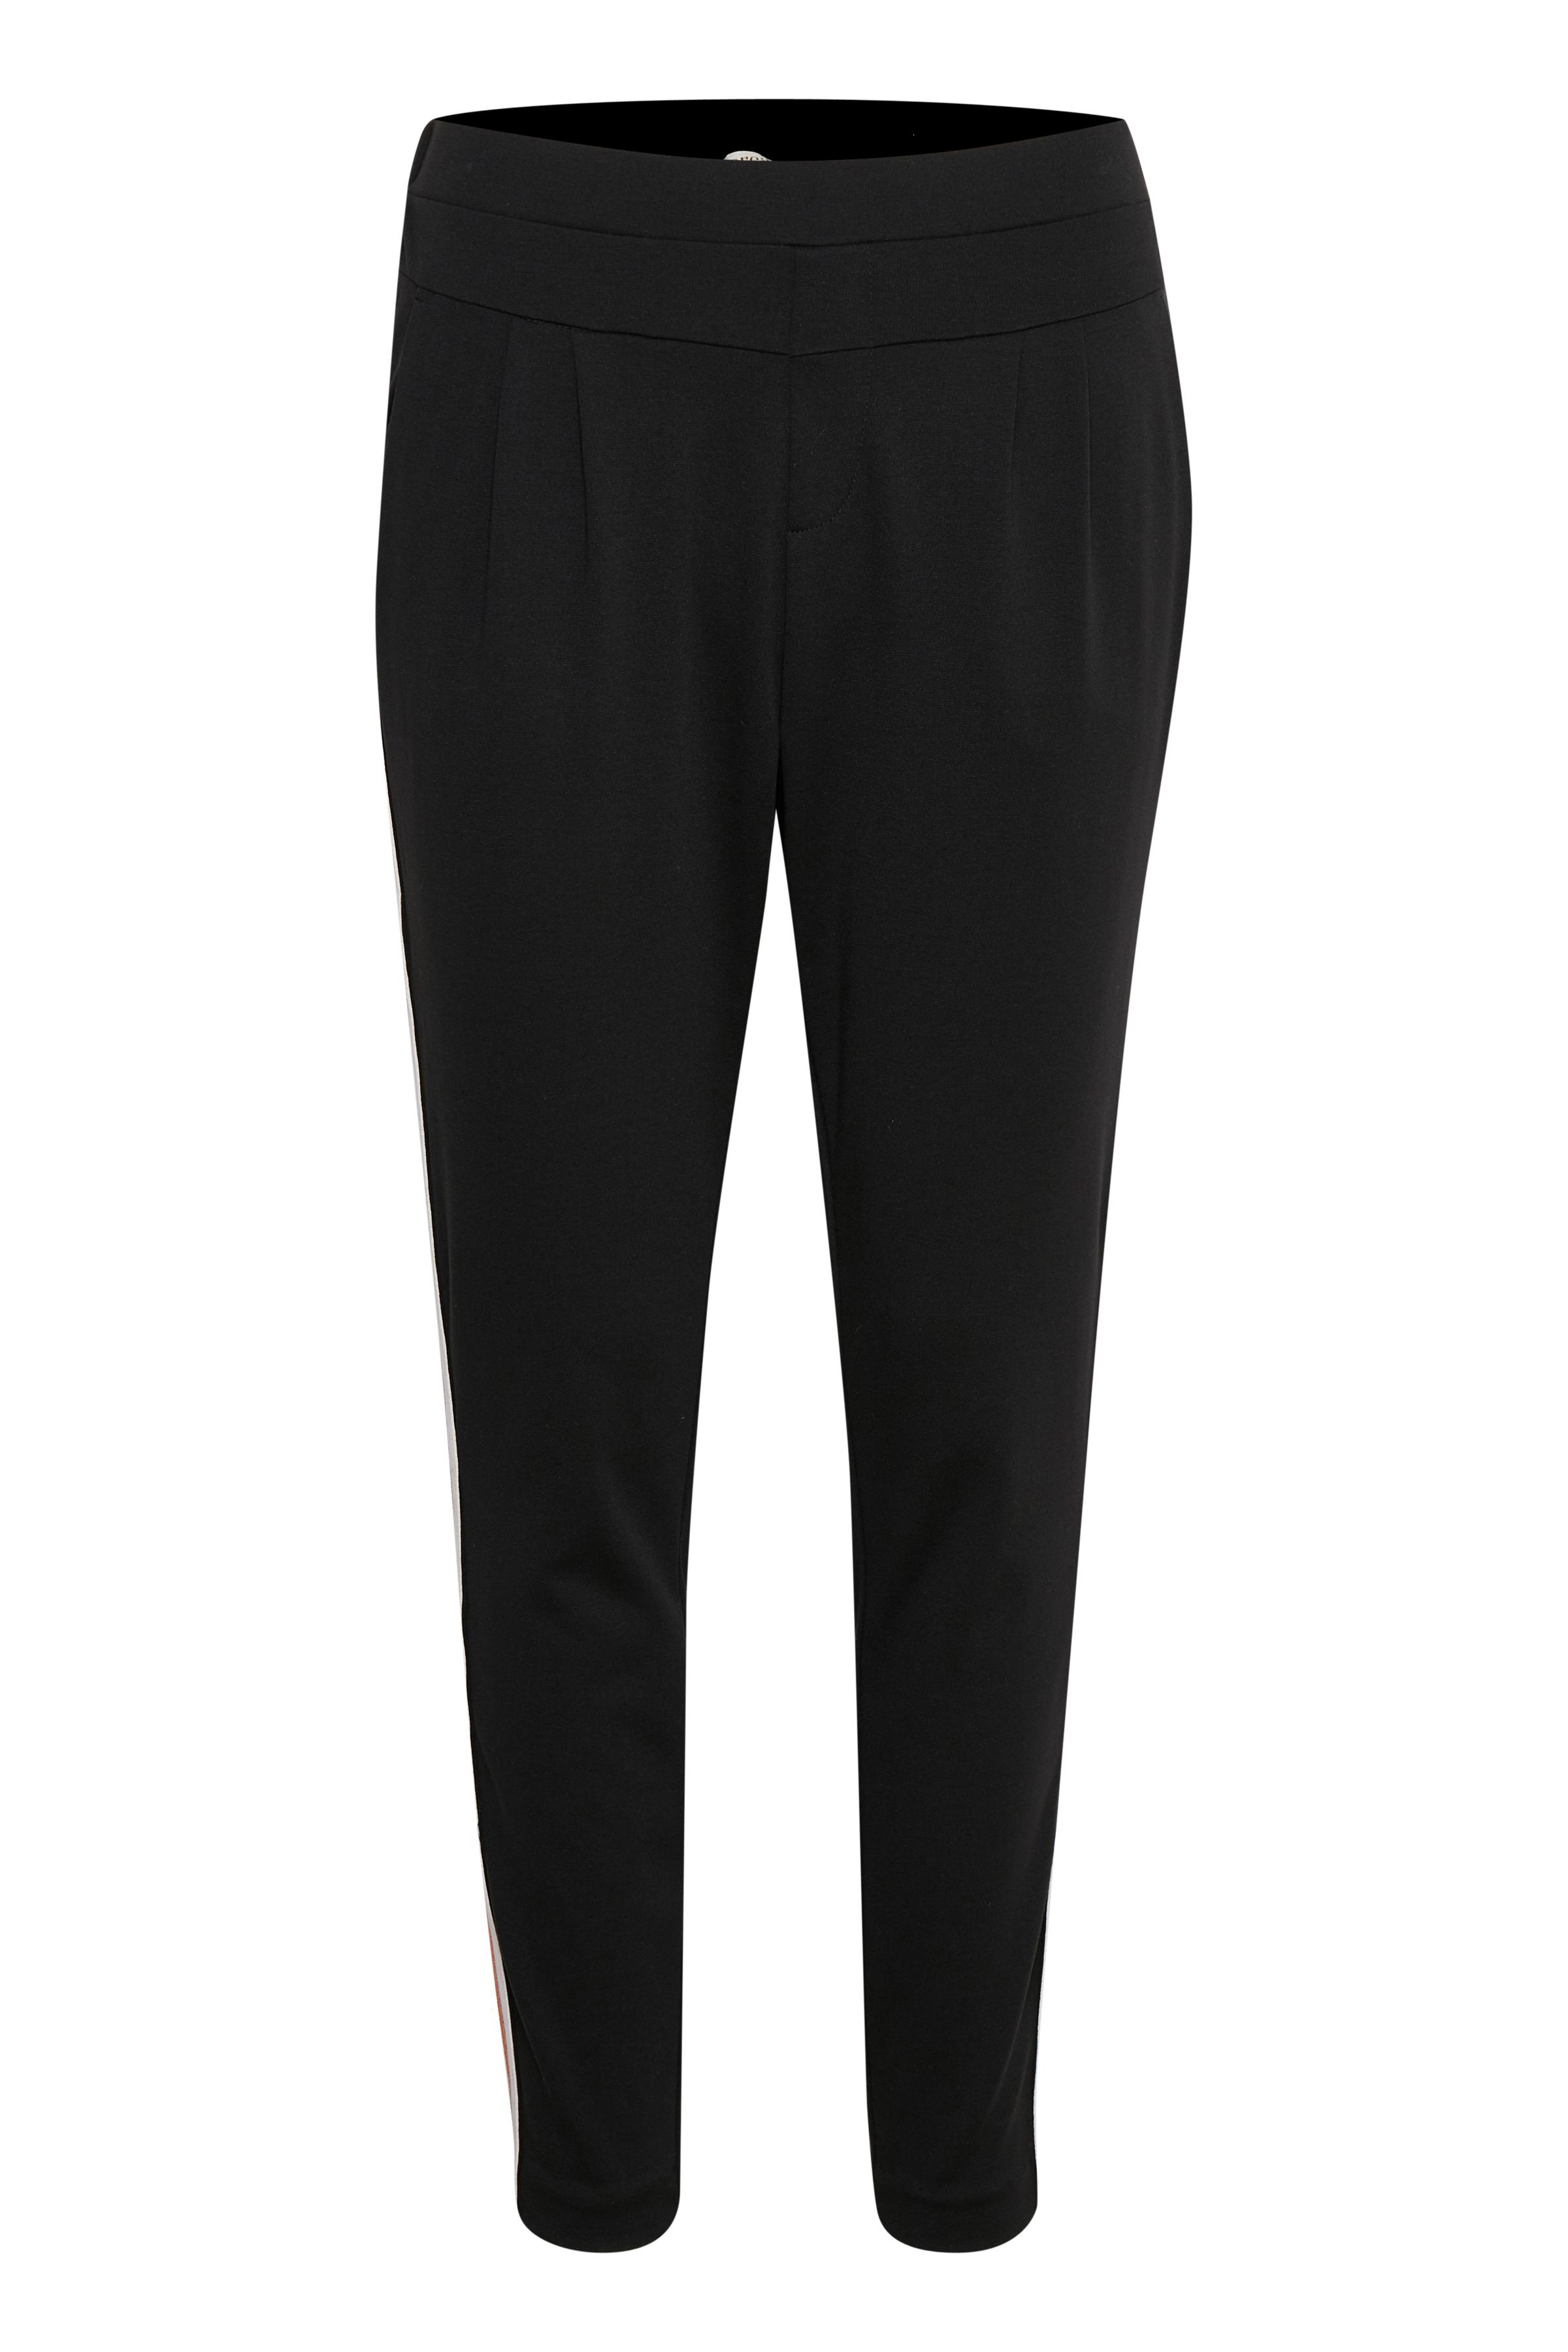 Cream Dame Cream bukser med fast linning foran og elastik bagpå. Bukserne  - Sort